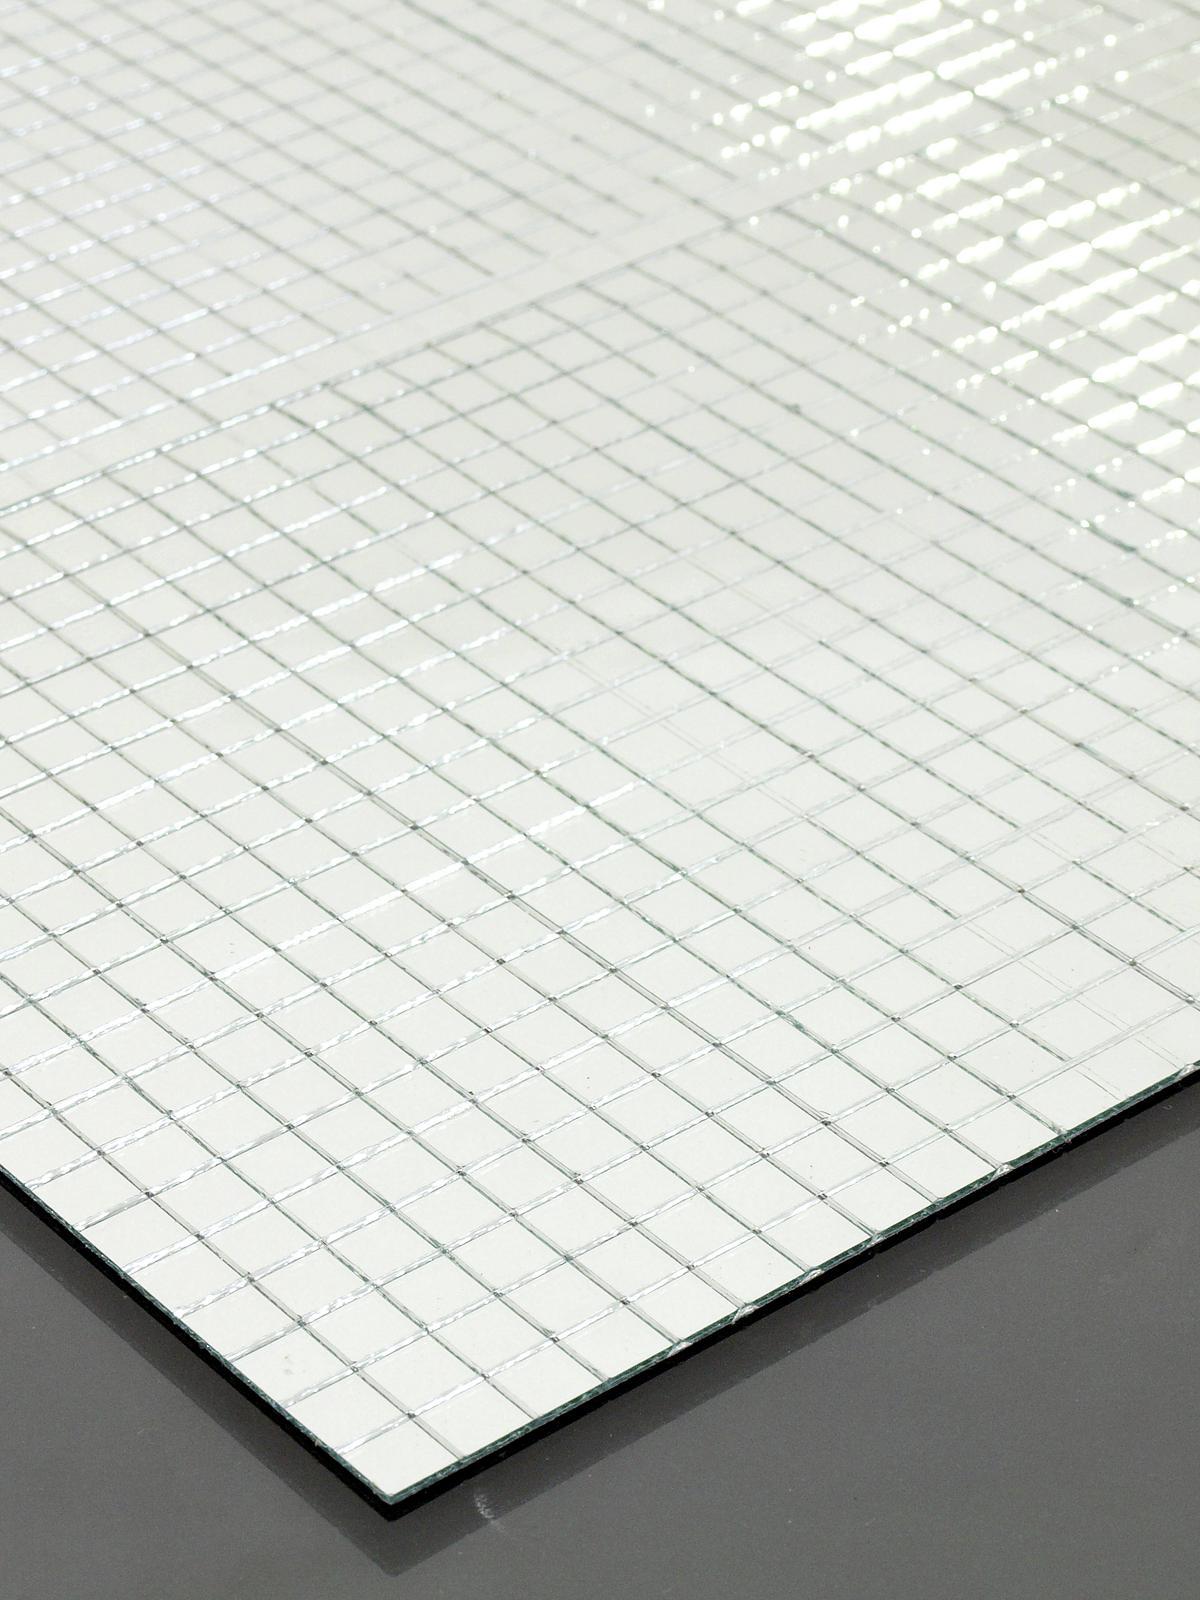 EUROLITE Spiegelmatte 400x200mm, Spiegel 10x10mm